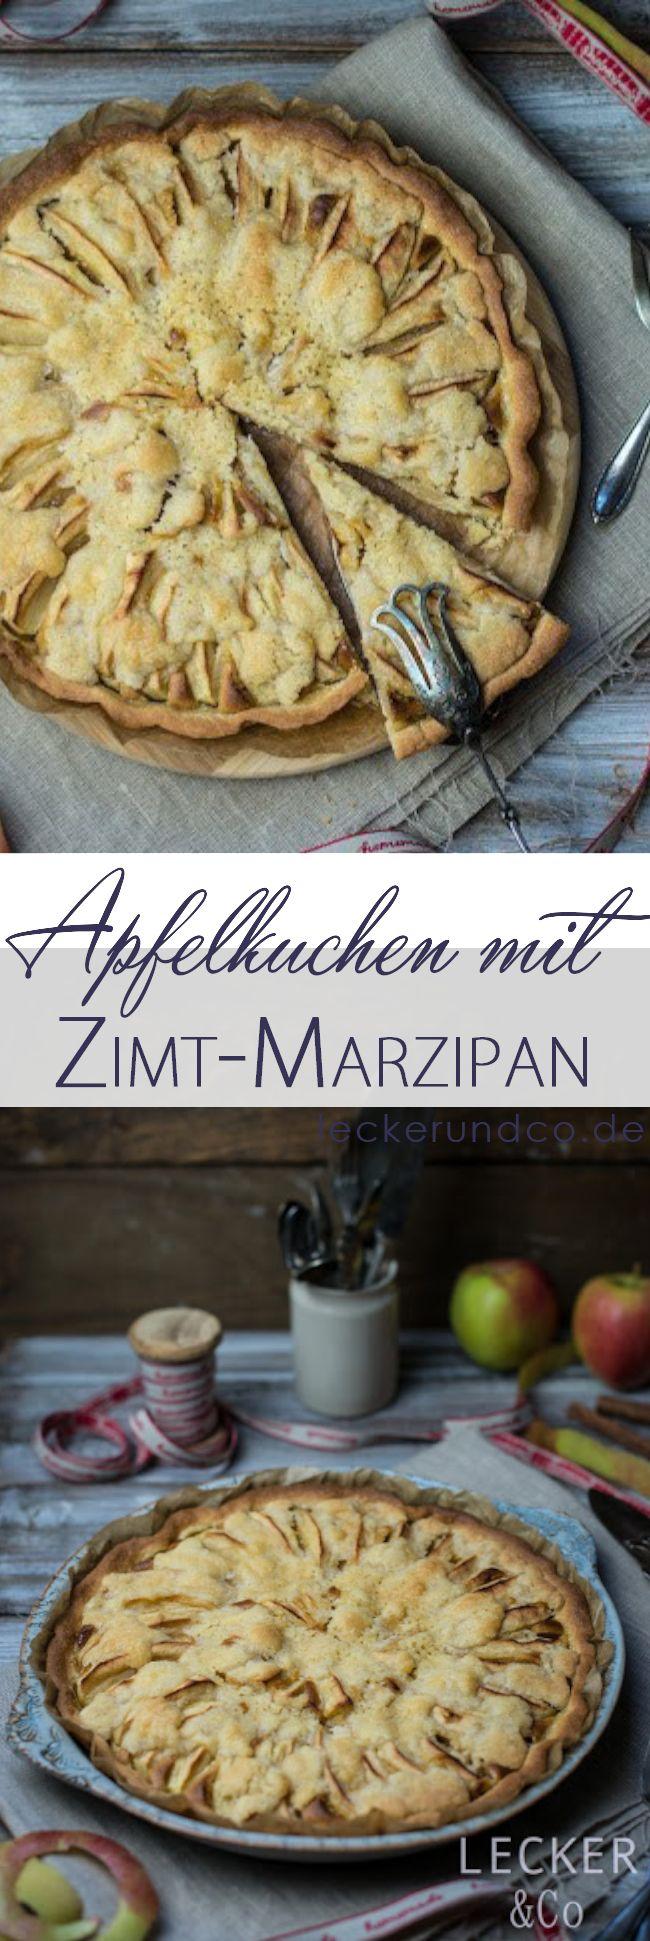 Apfelkuchen mit Streuseln und Zimt-Marzipan